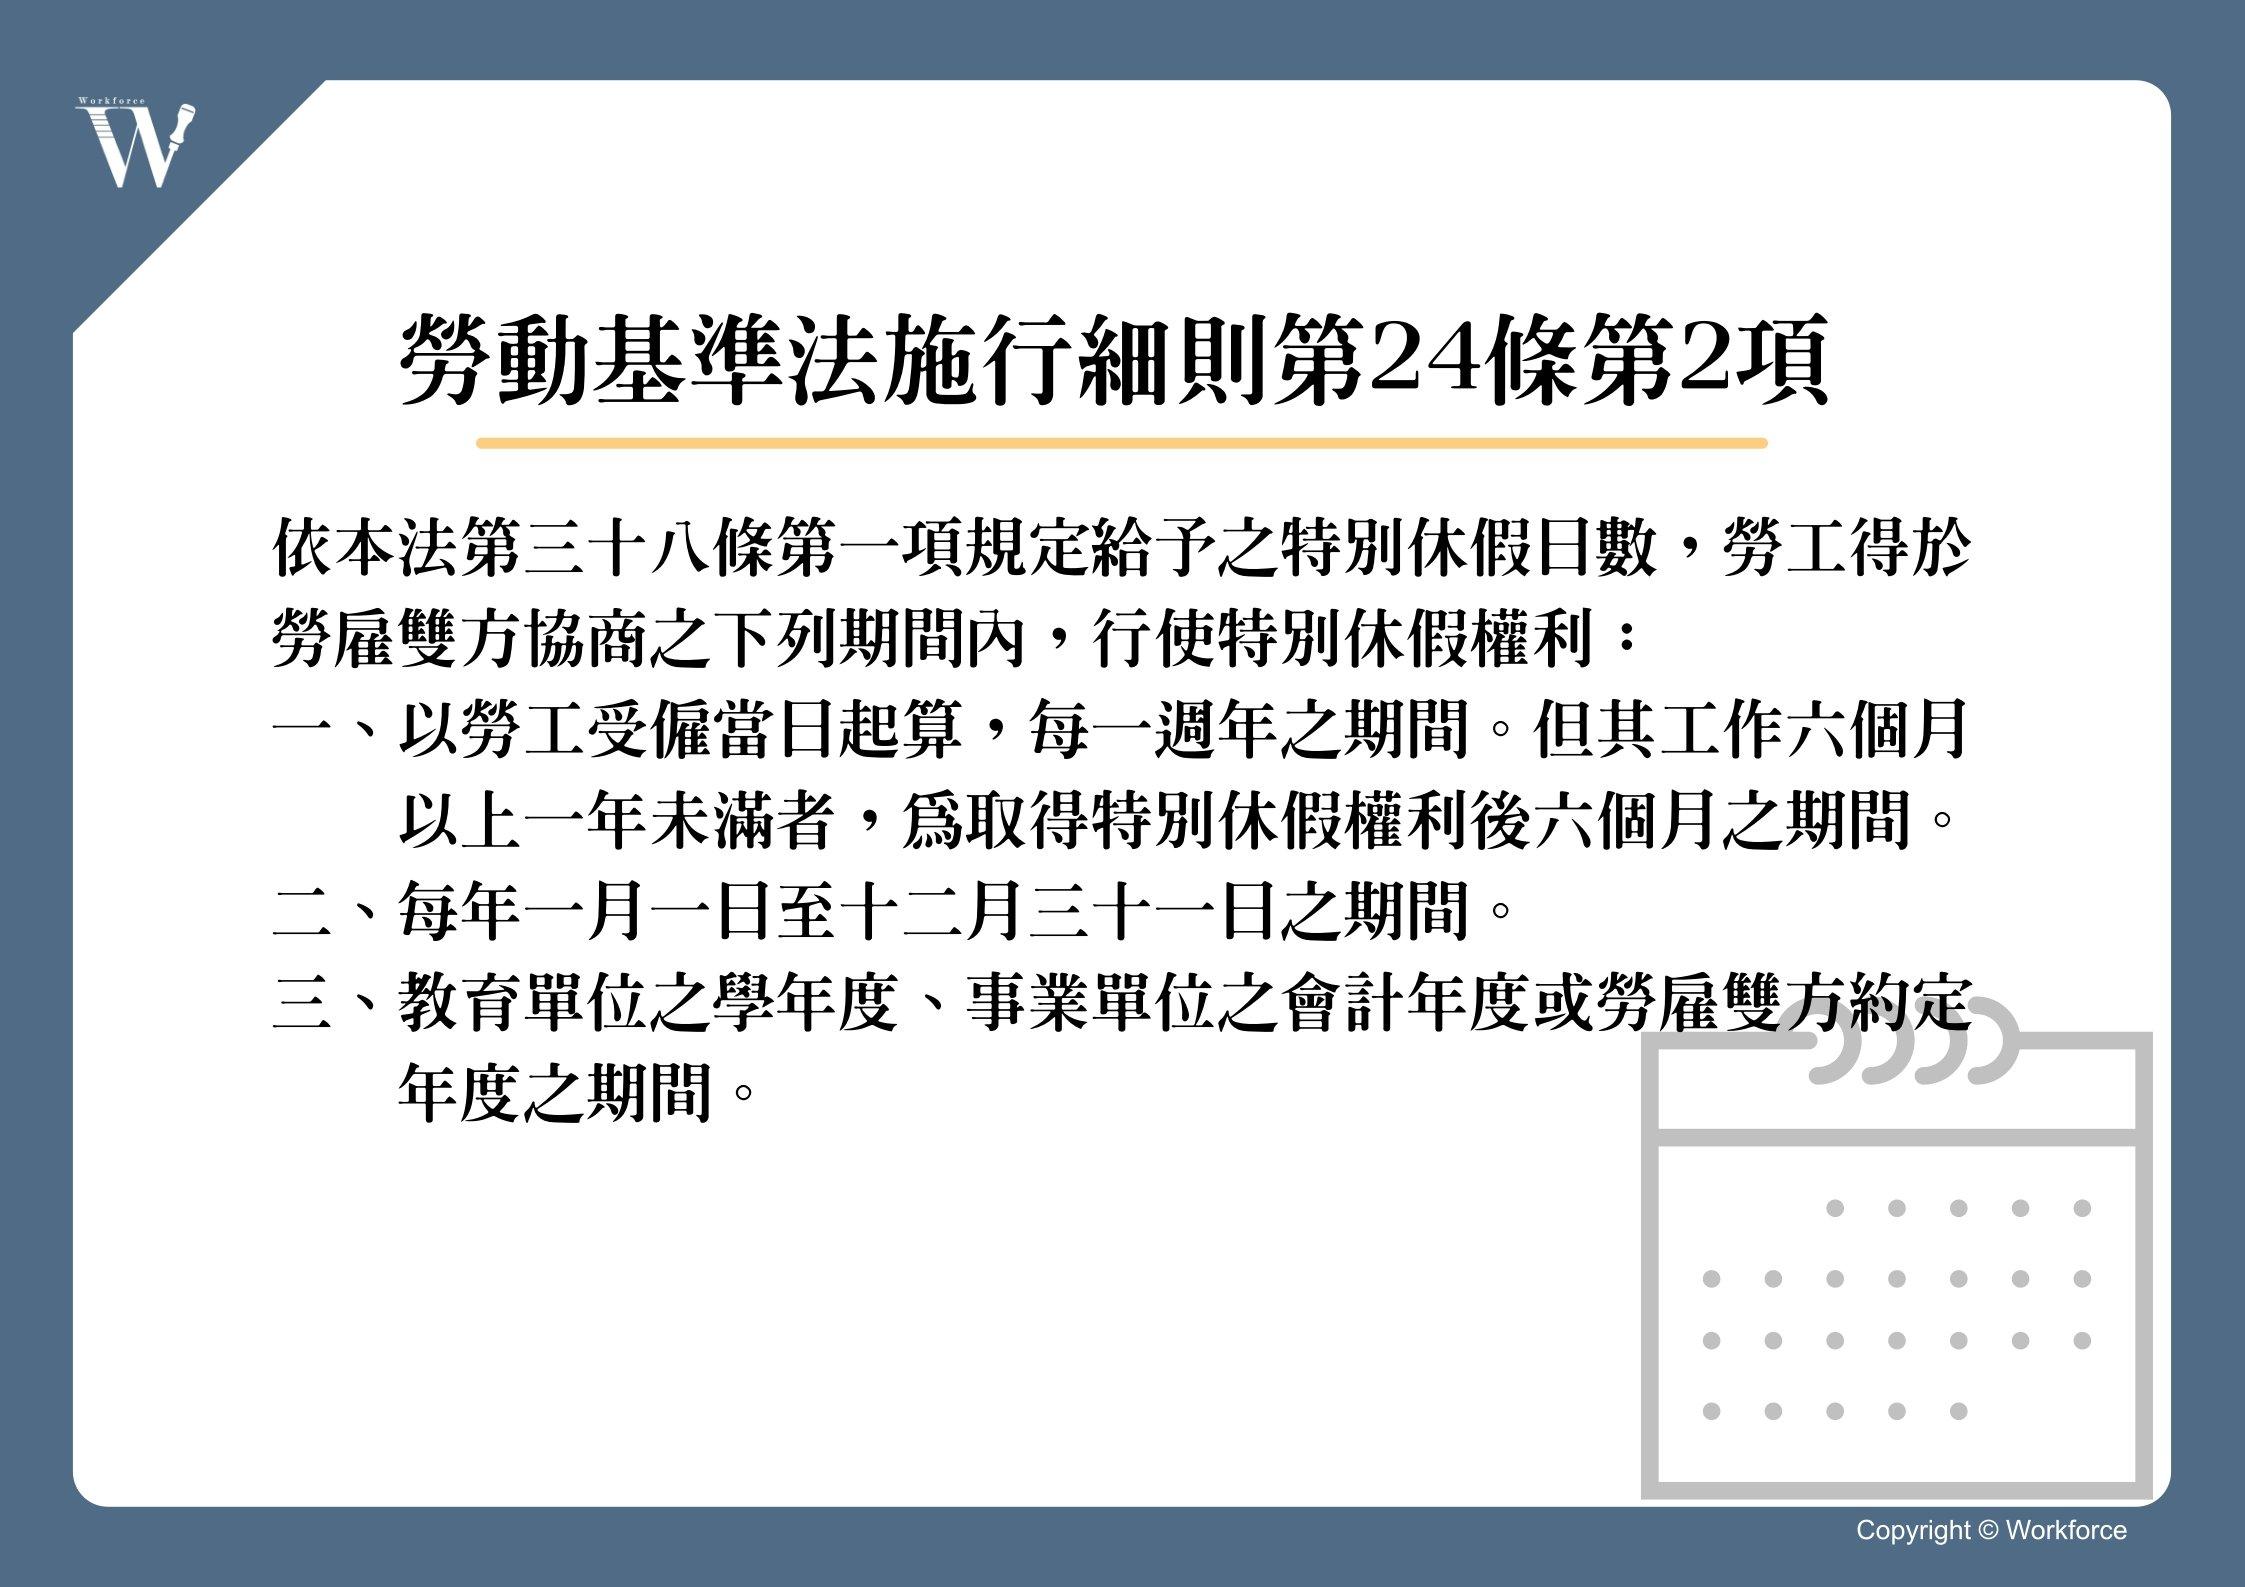 特別休假使用手冊 勞動基準法施行細則第24條第2項